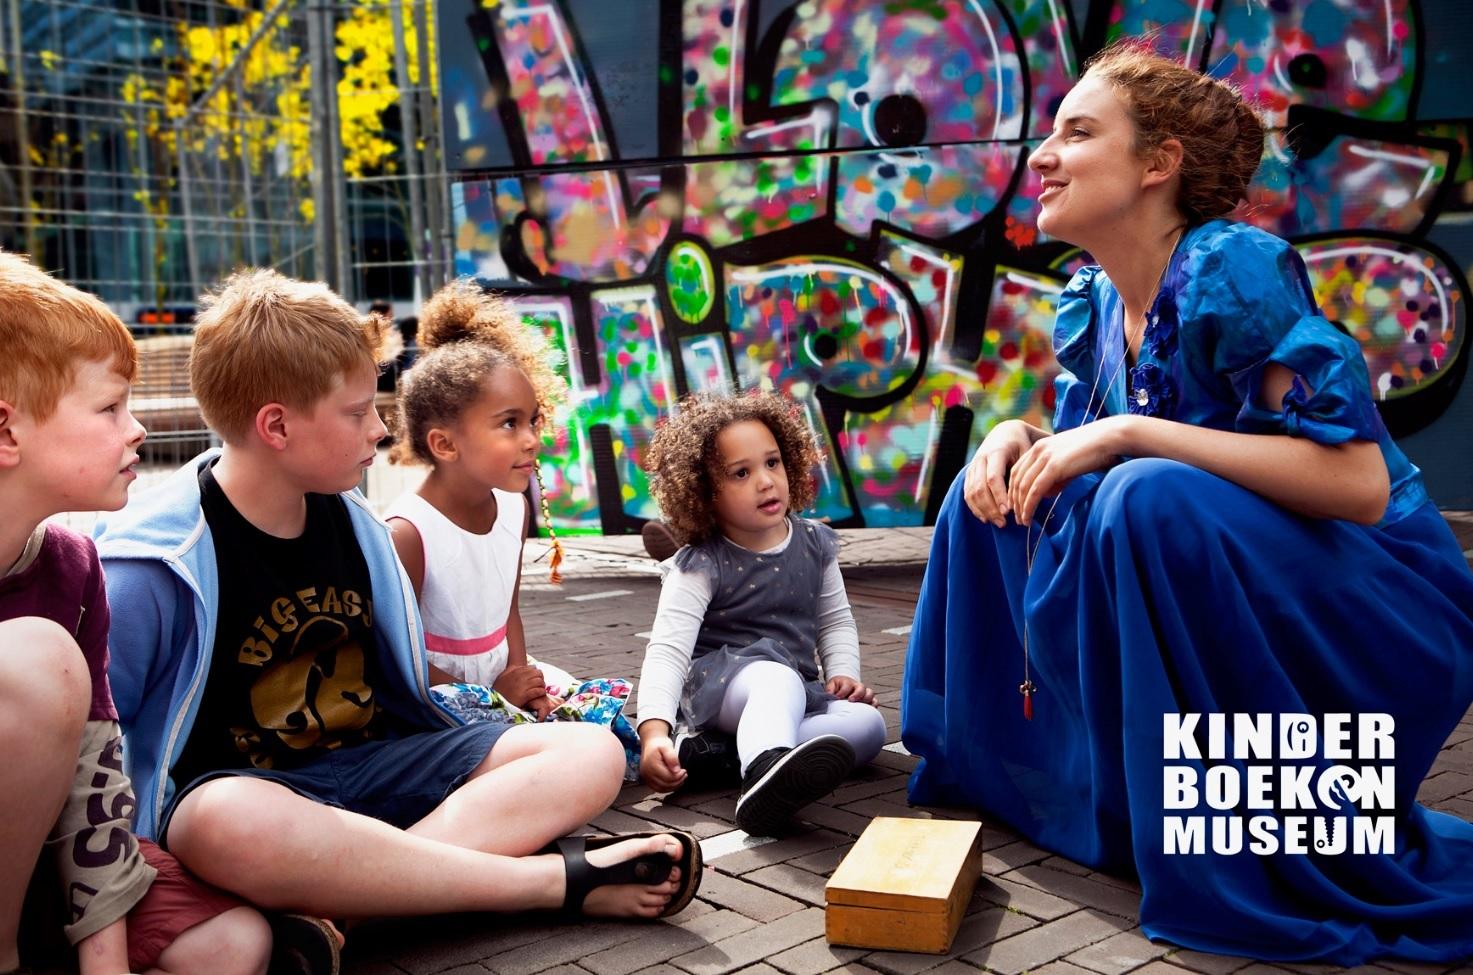 kinderboekenparade (5